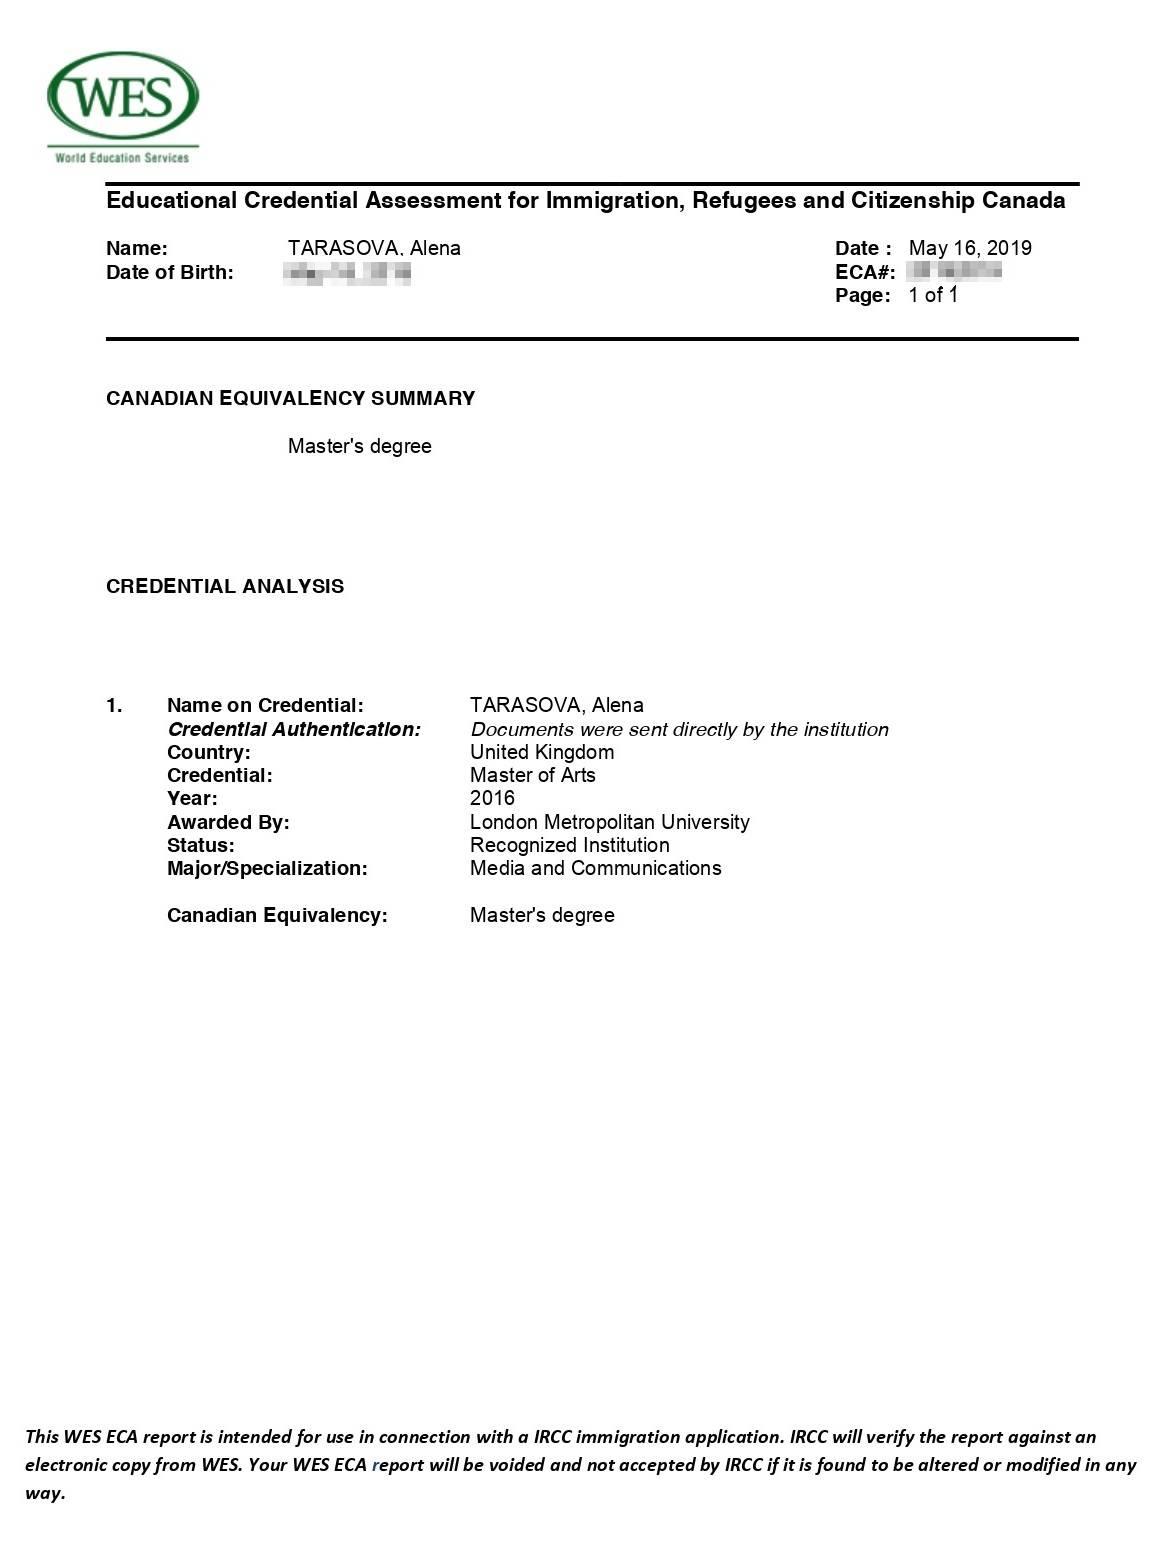 Отчет WES об оценке моего образования